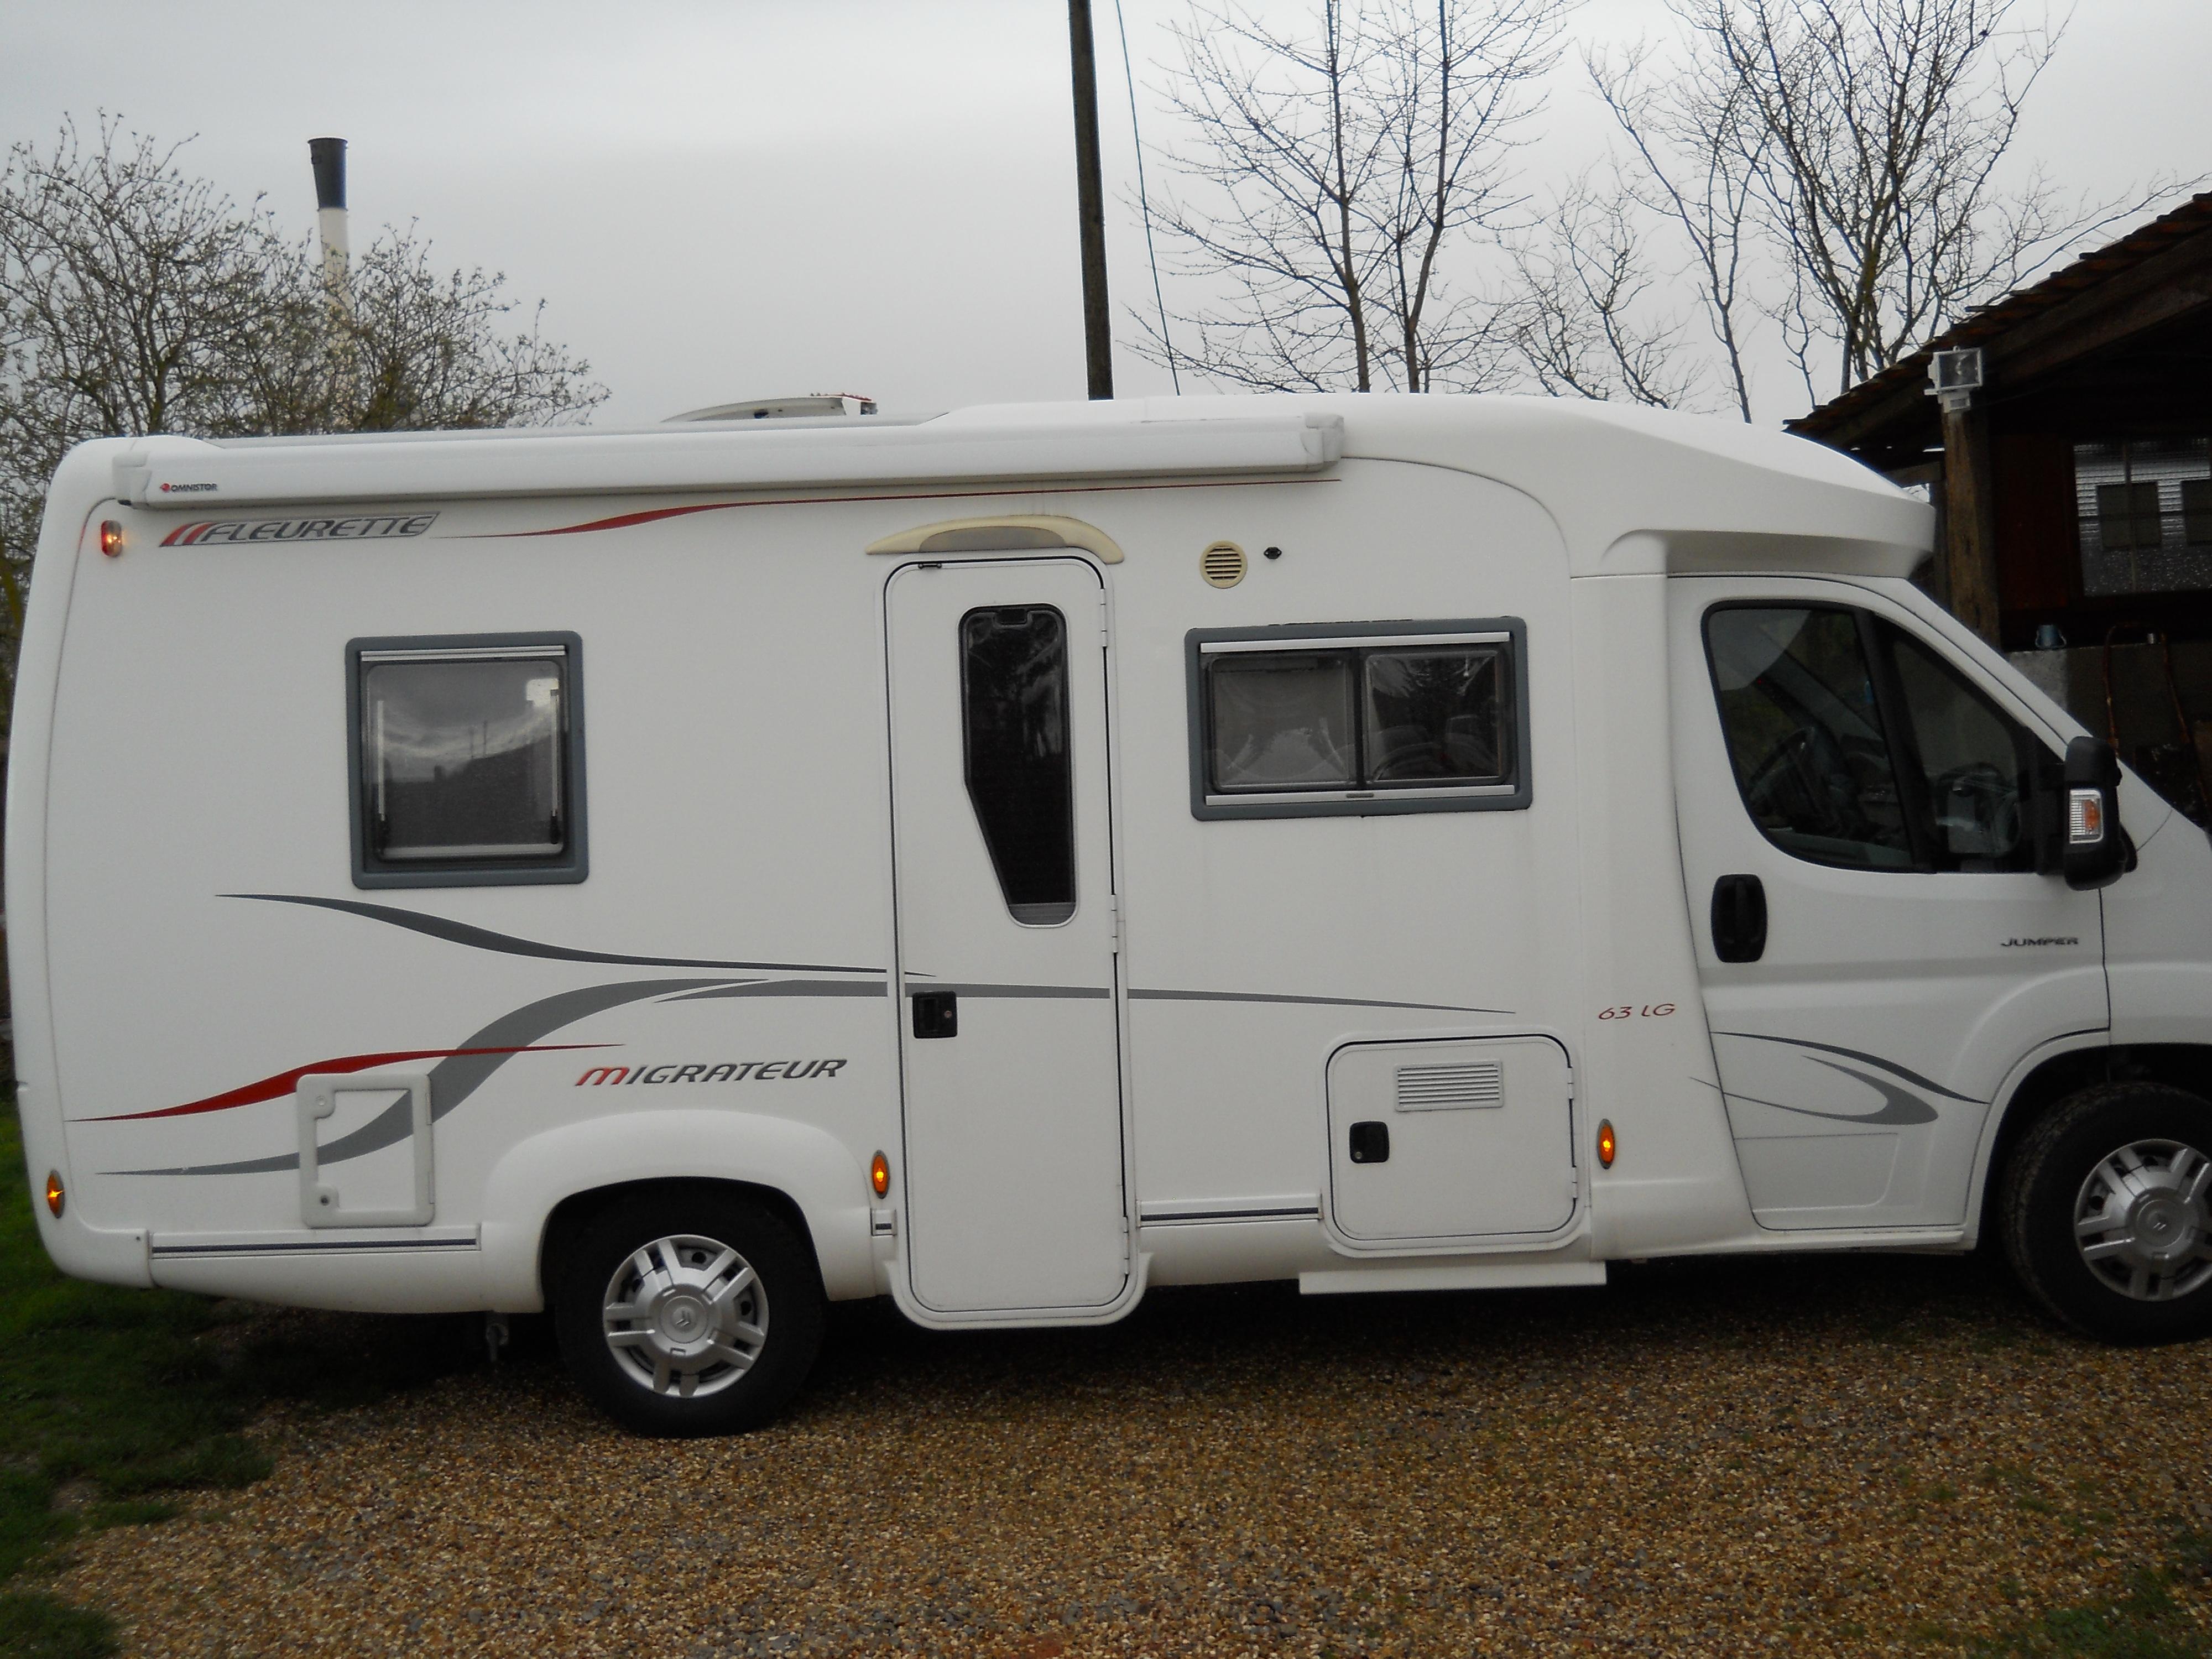 Camping car profilé Fleurette Migrateur 63 LG